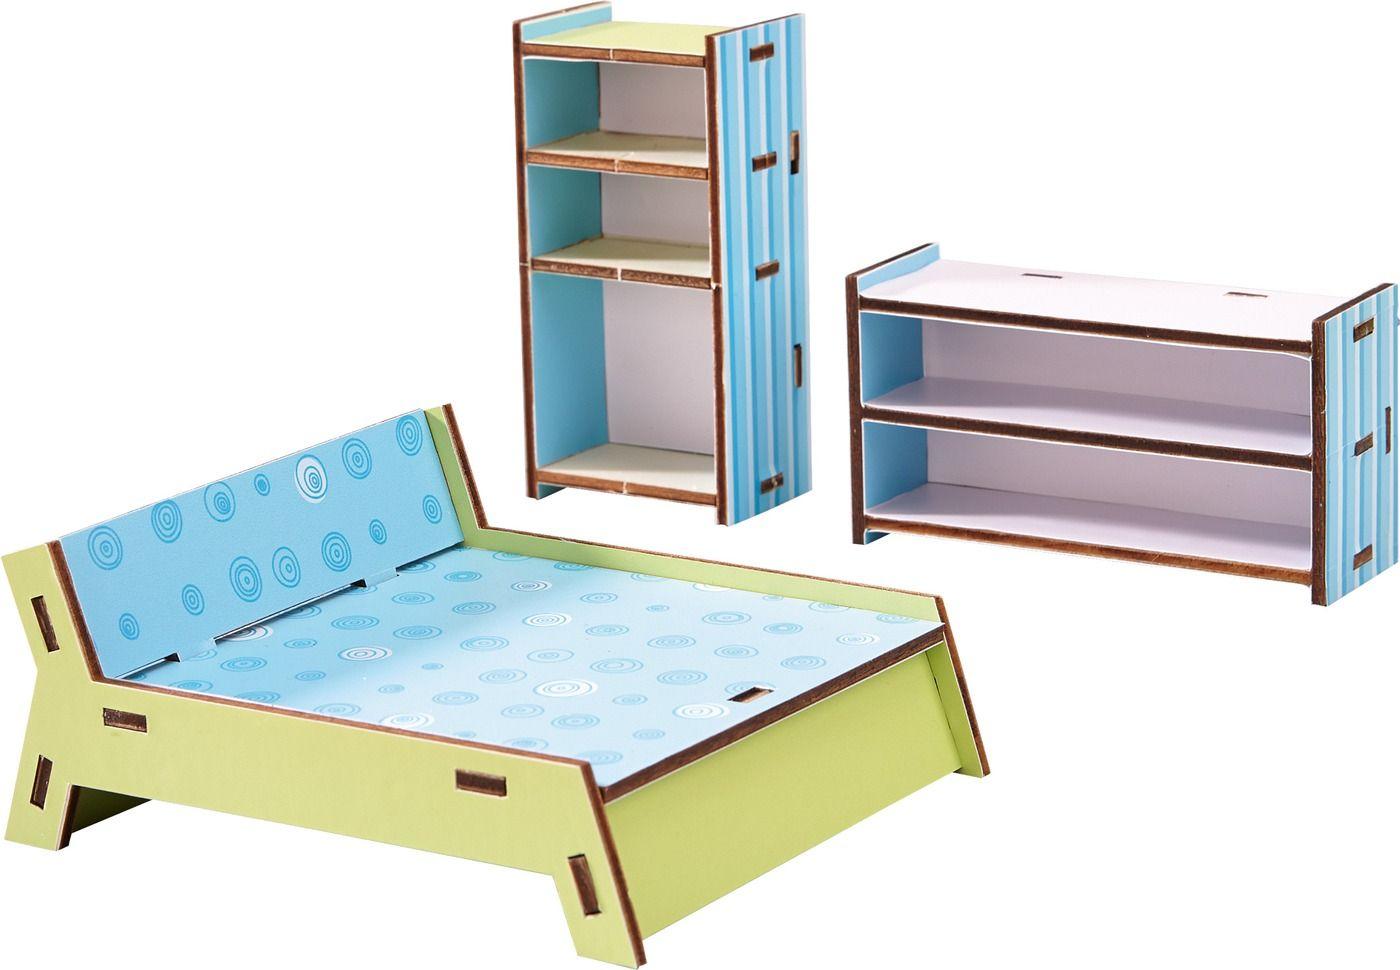 little friends puppenhaus m bel schlafzimmer haba 300506 wunschzettel weihnachten 15. Black Bedroom Furniture Sets. Home Design Ideas